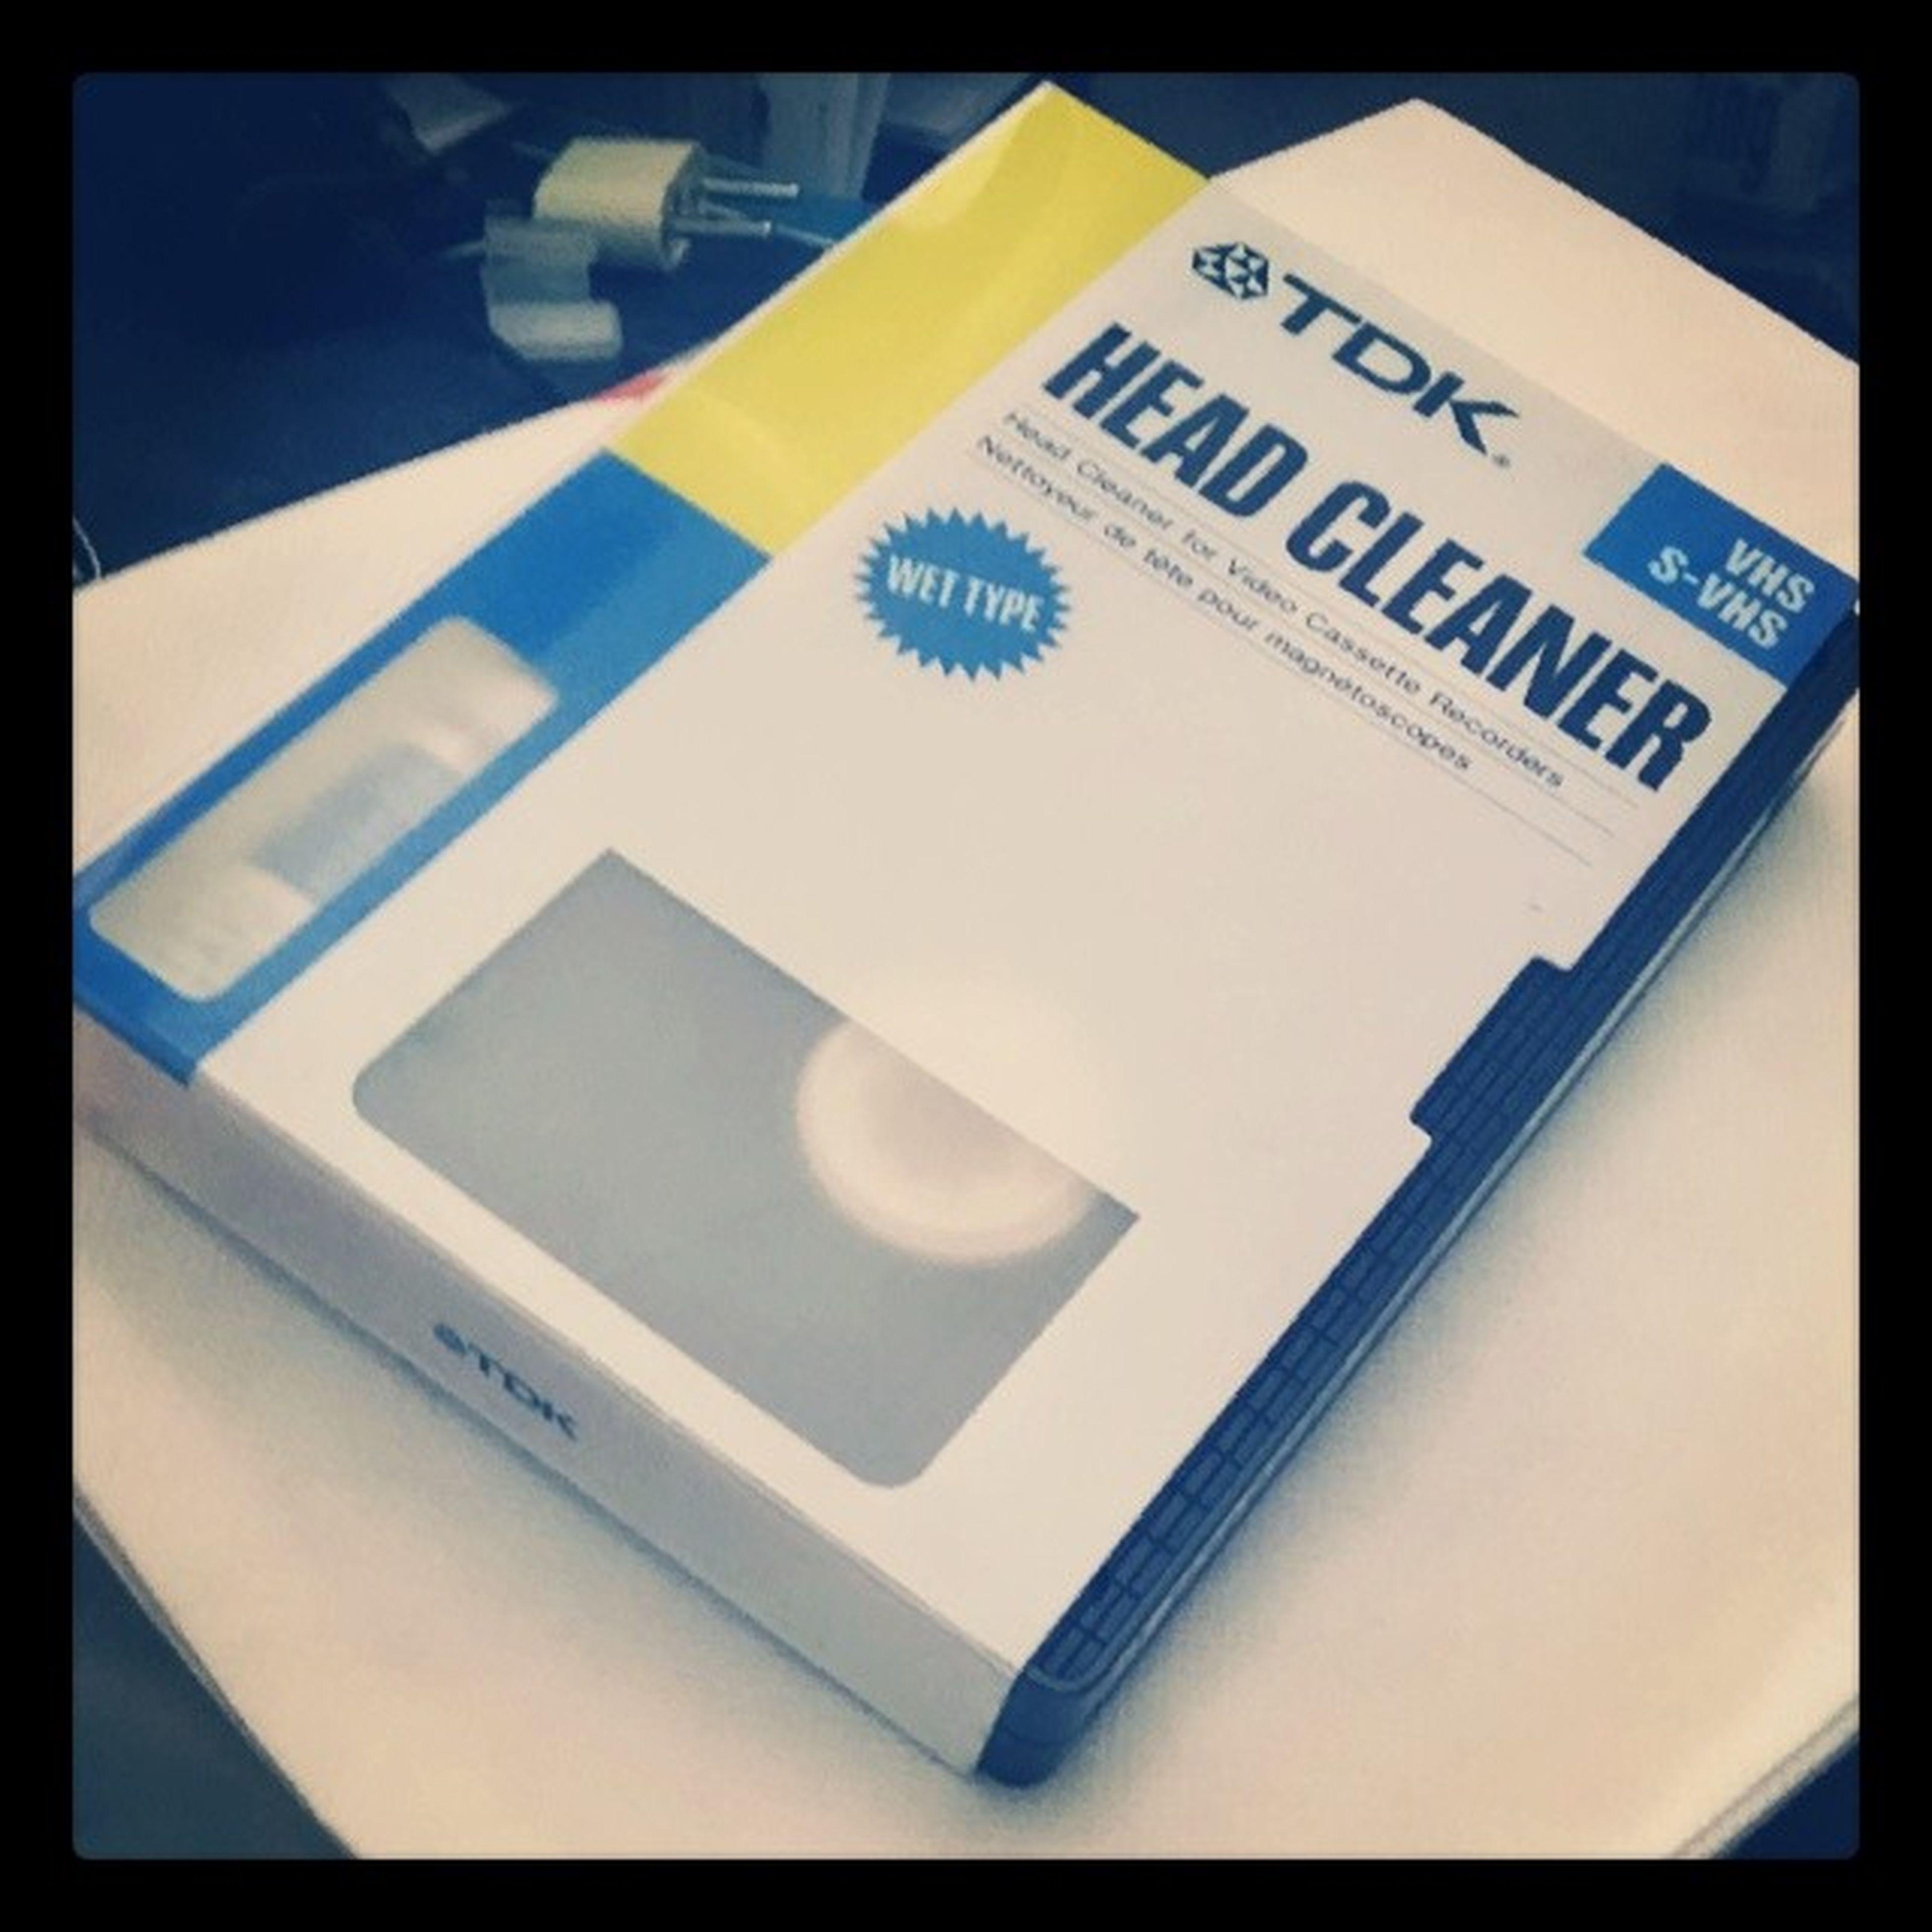 Lo encontré...Ahora puedo limpiar los cabezales! VHS Ochentoso